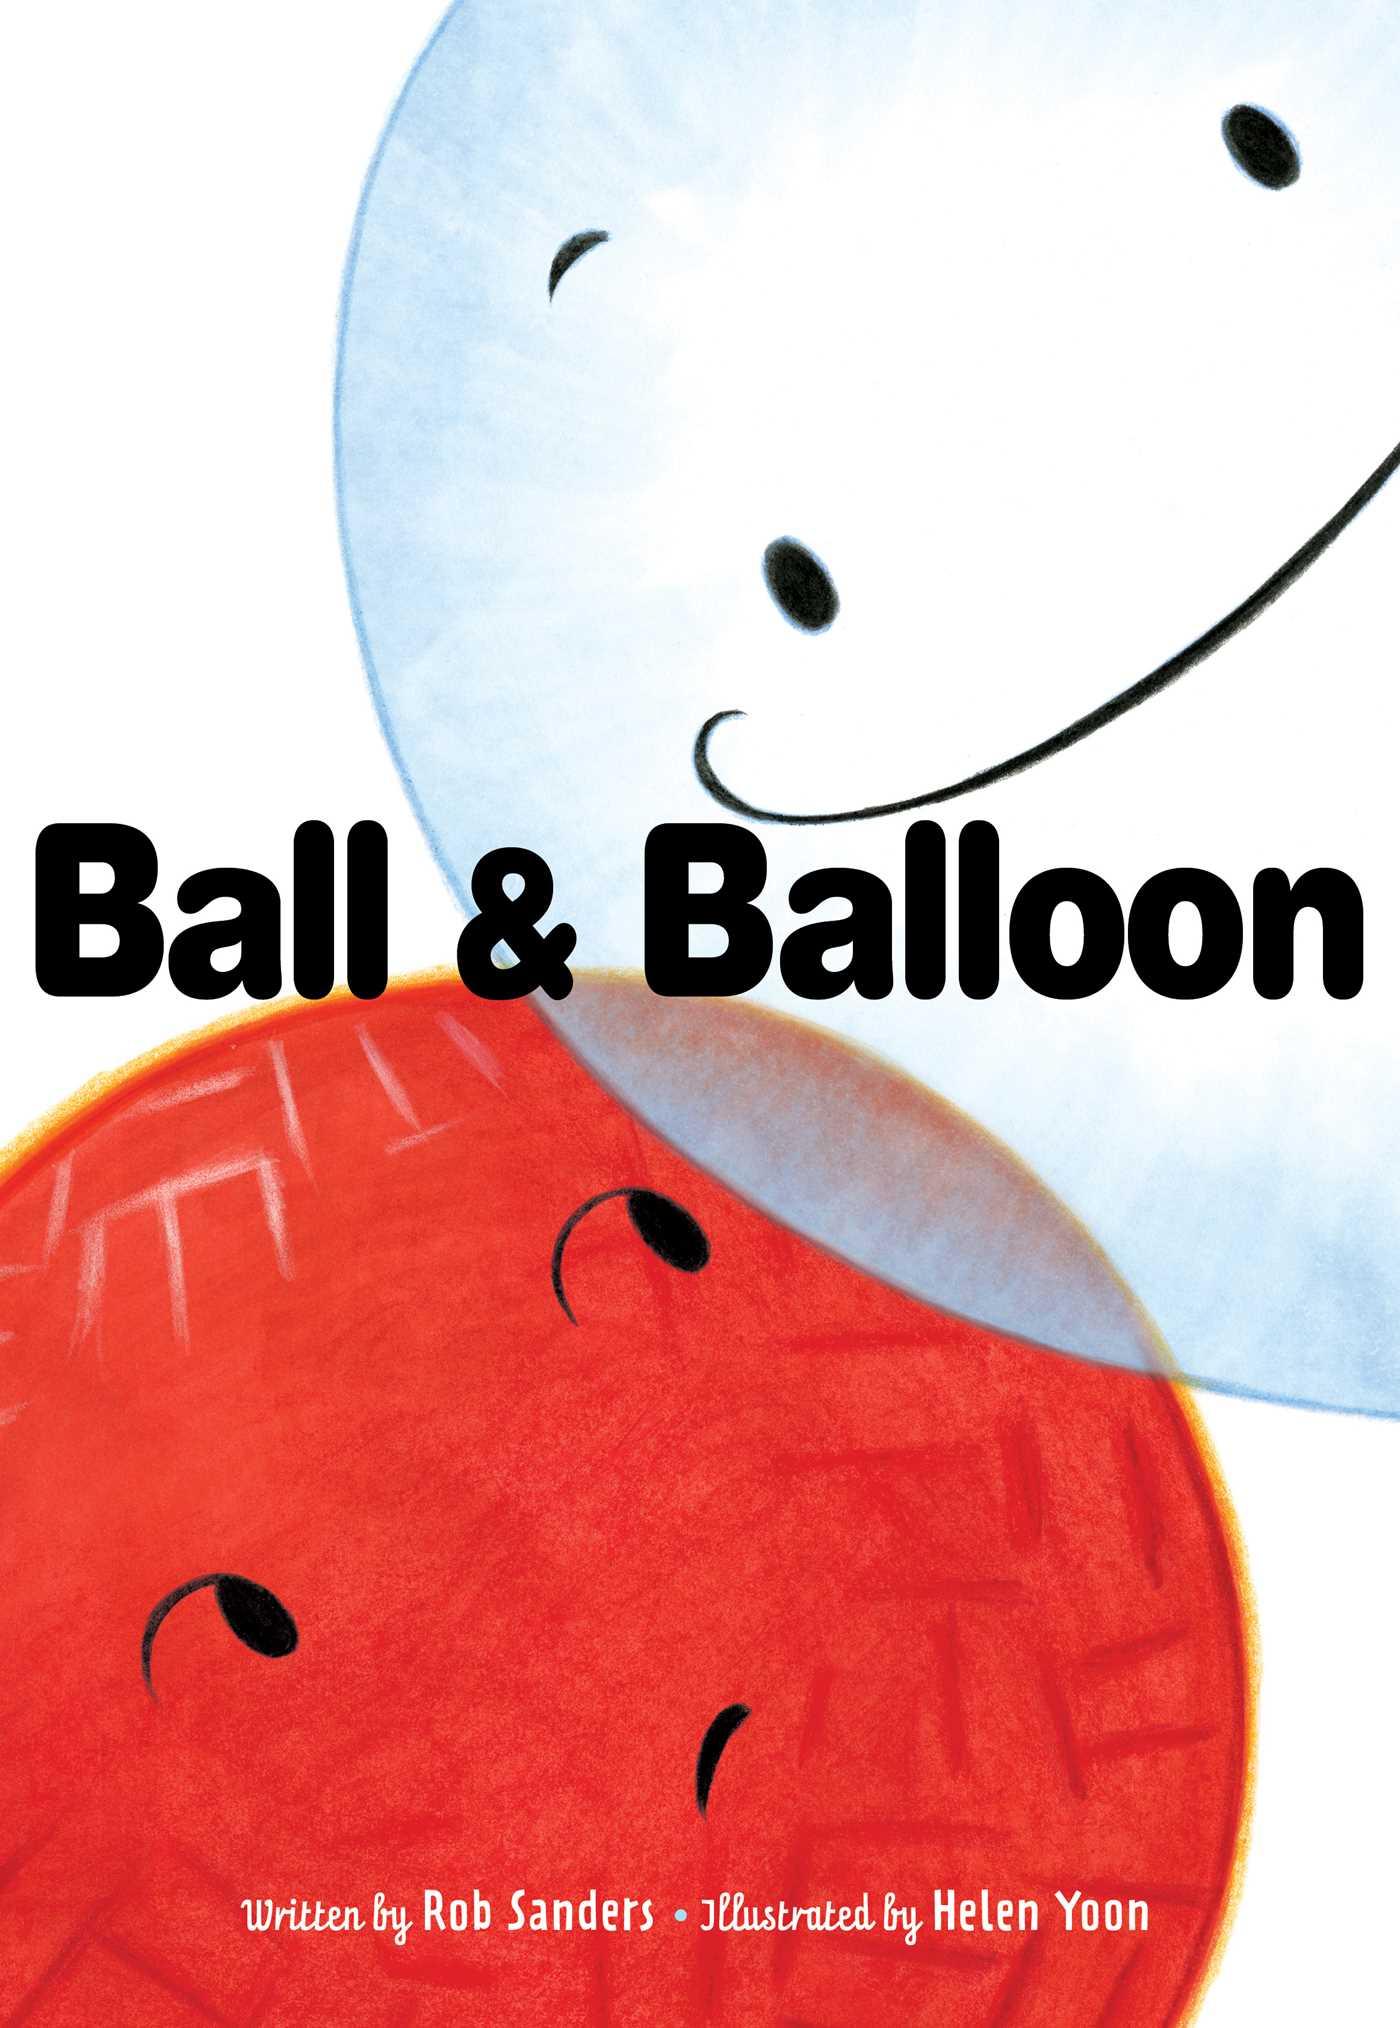 Ball & Balloon by Helen Yoon, Rob Sanders